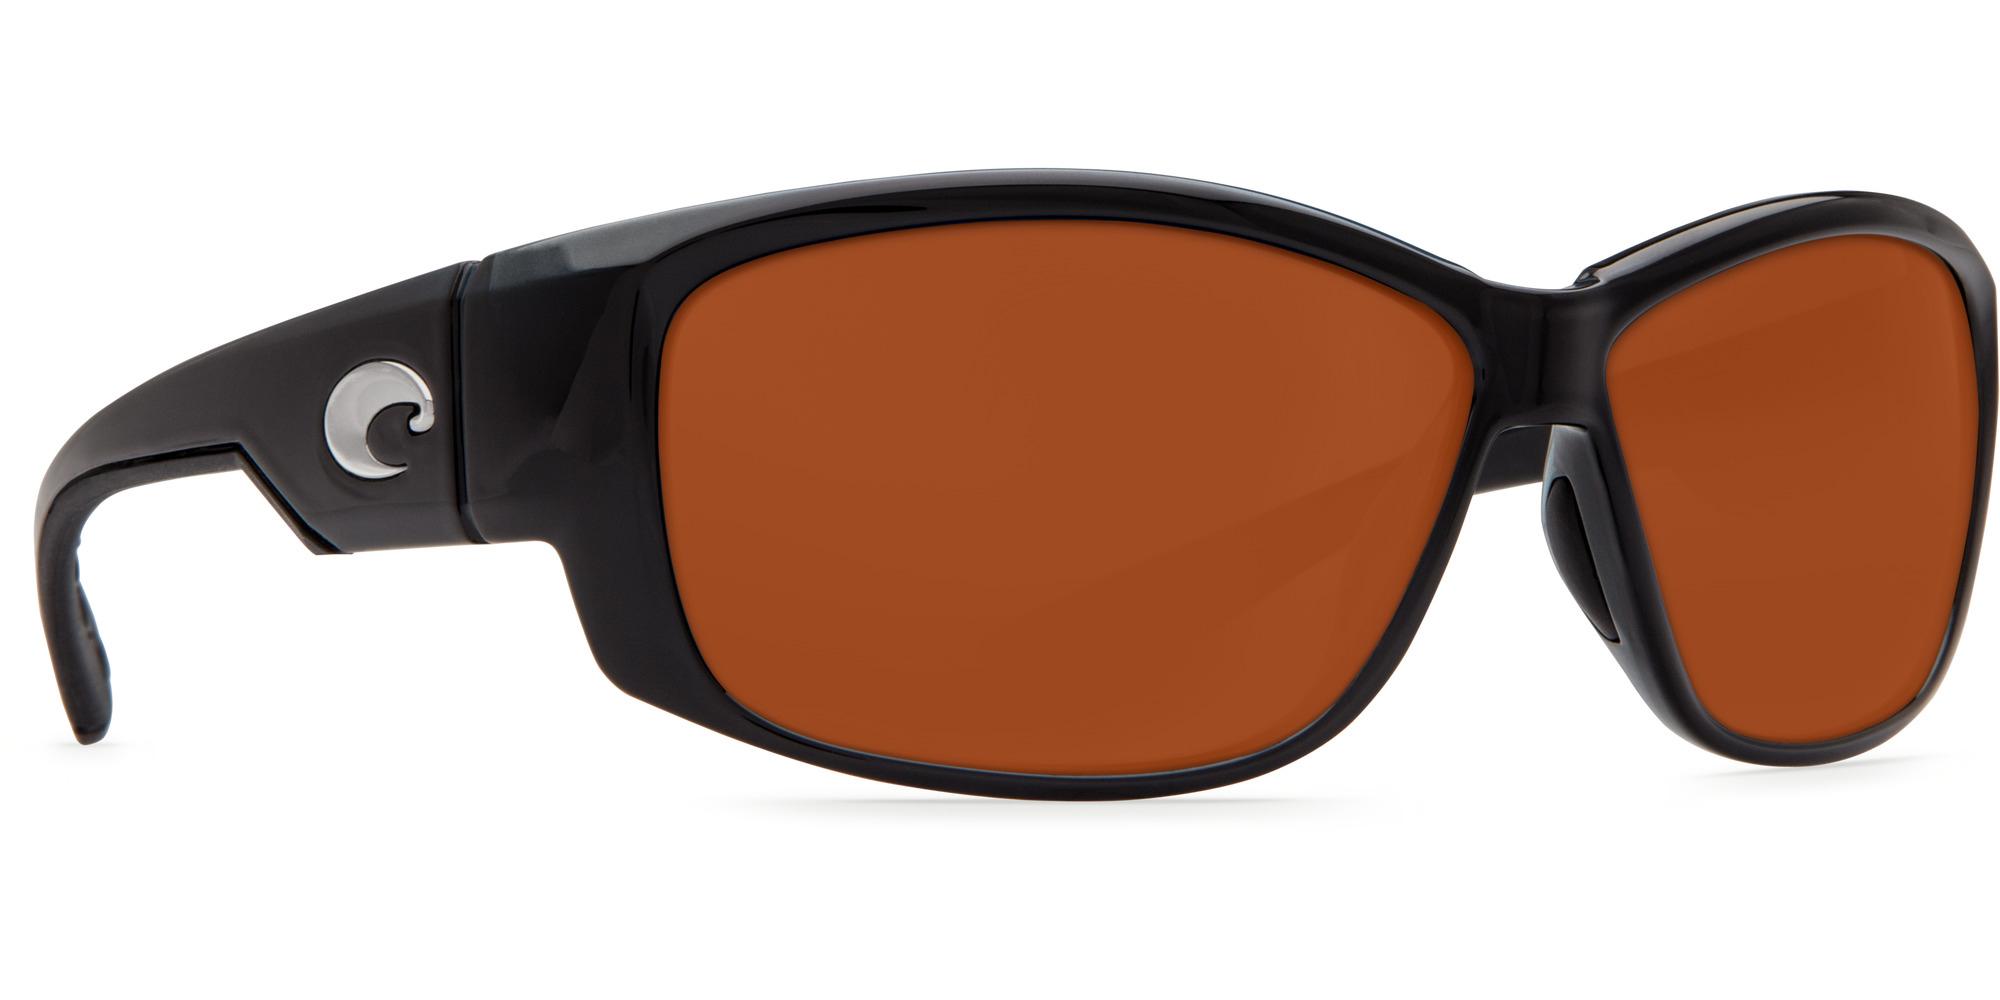 e3445e400b Costa Del Mar 580P Sale Sunglasses – Glasgow Angling Centre